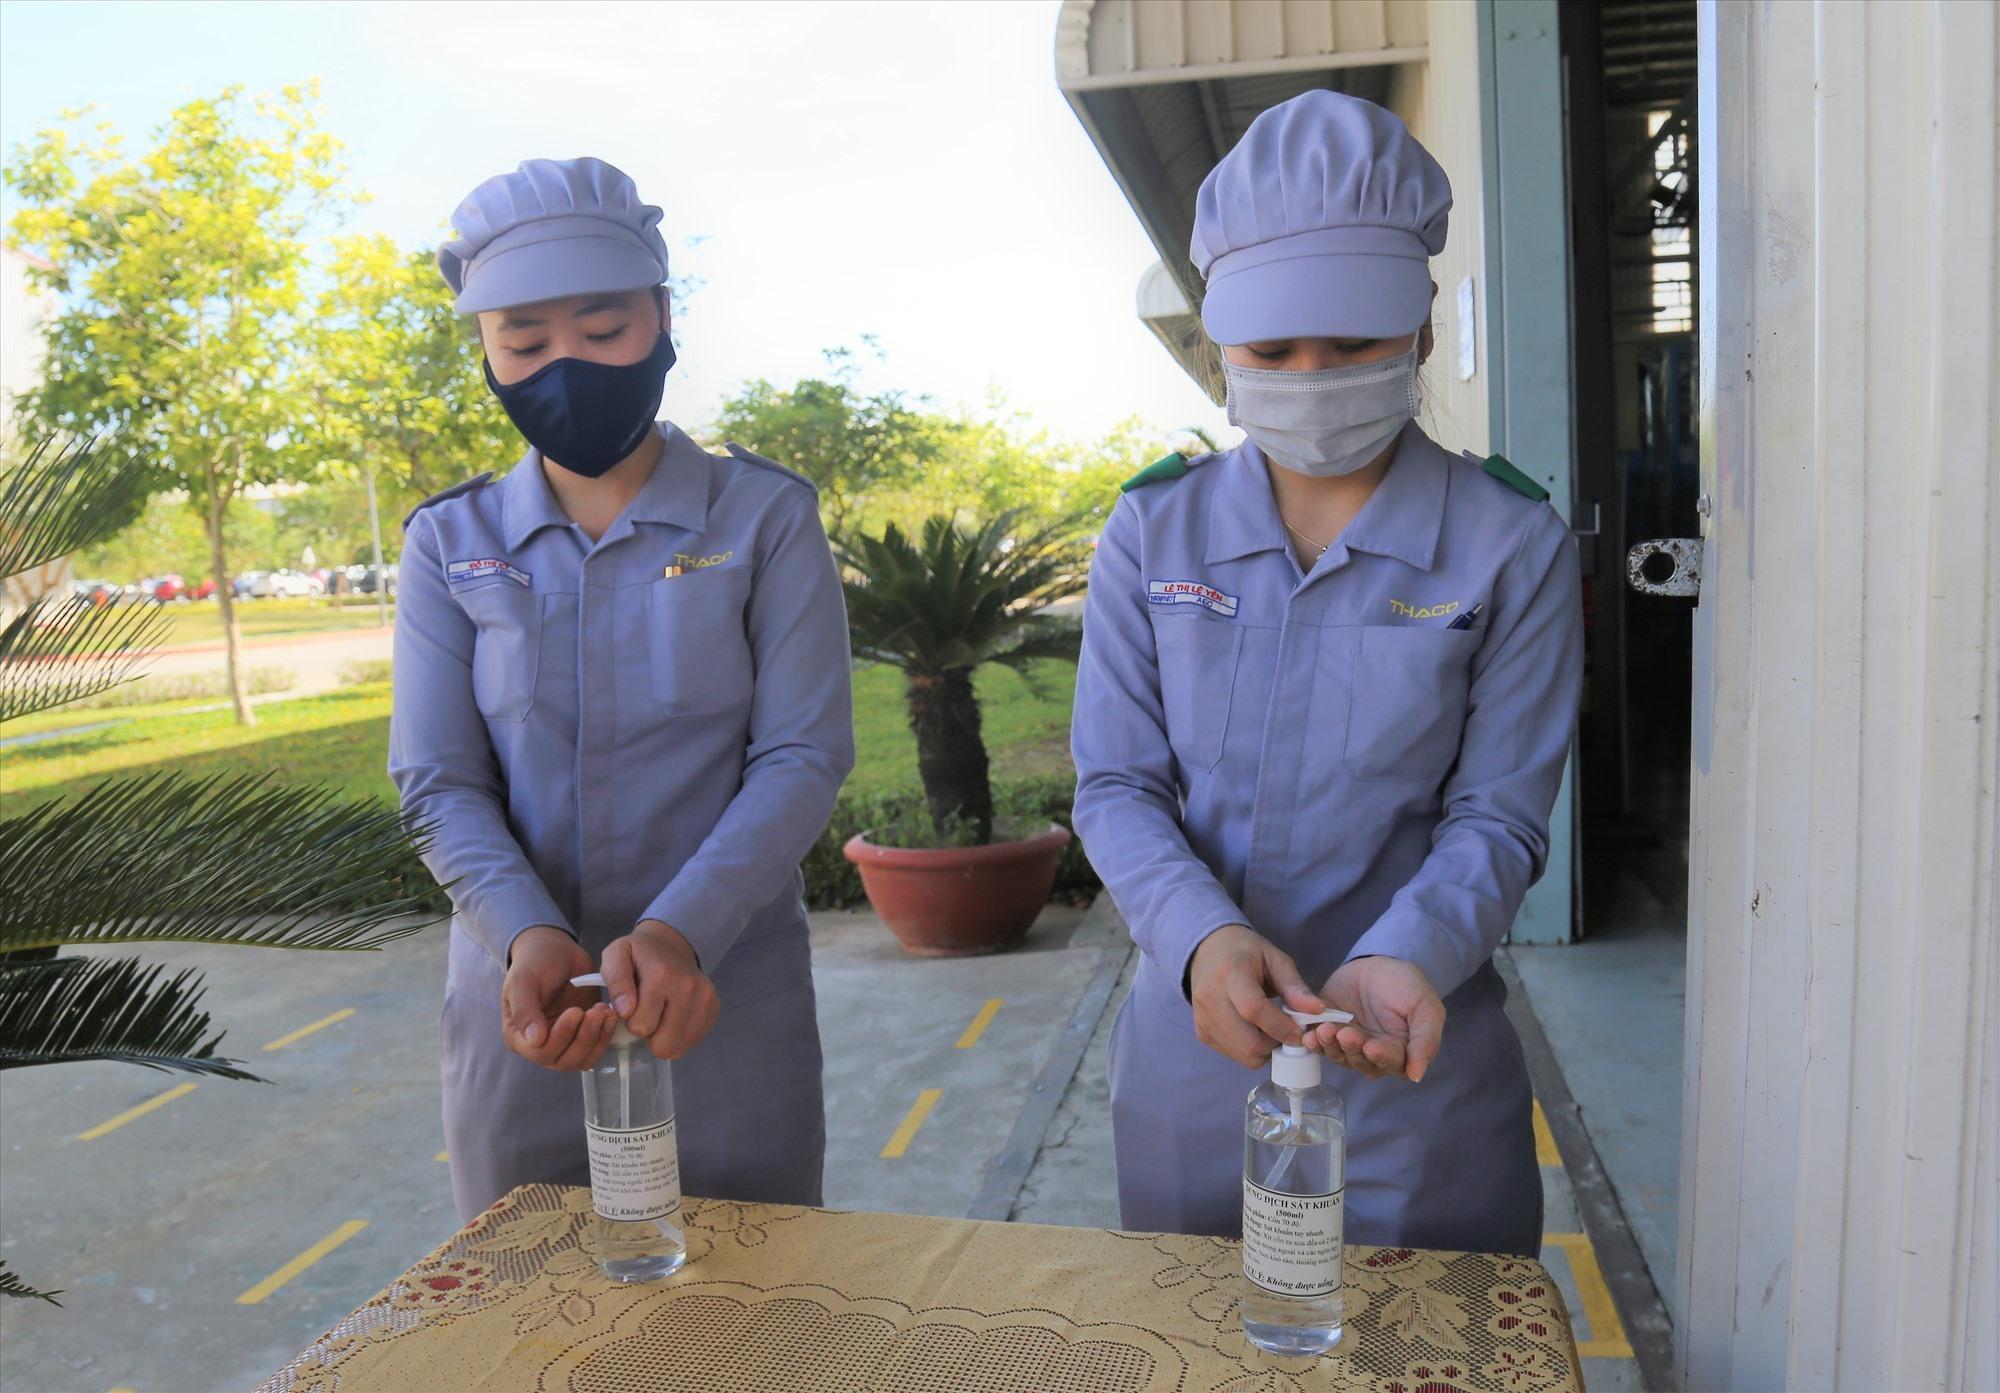 Công nhân Công ty THACO Trường Hải thực hiện sát khuẩn tay trước khi làm việc. Ảnh: TCCC